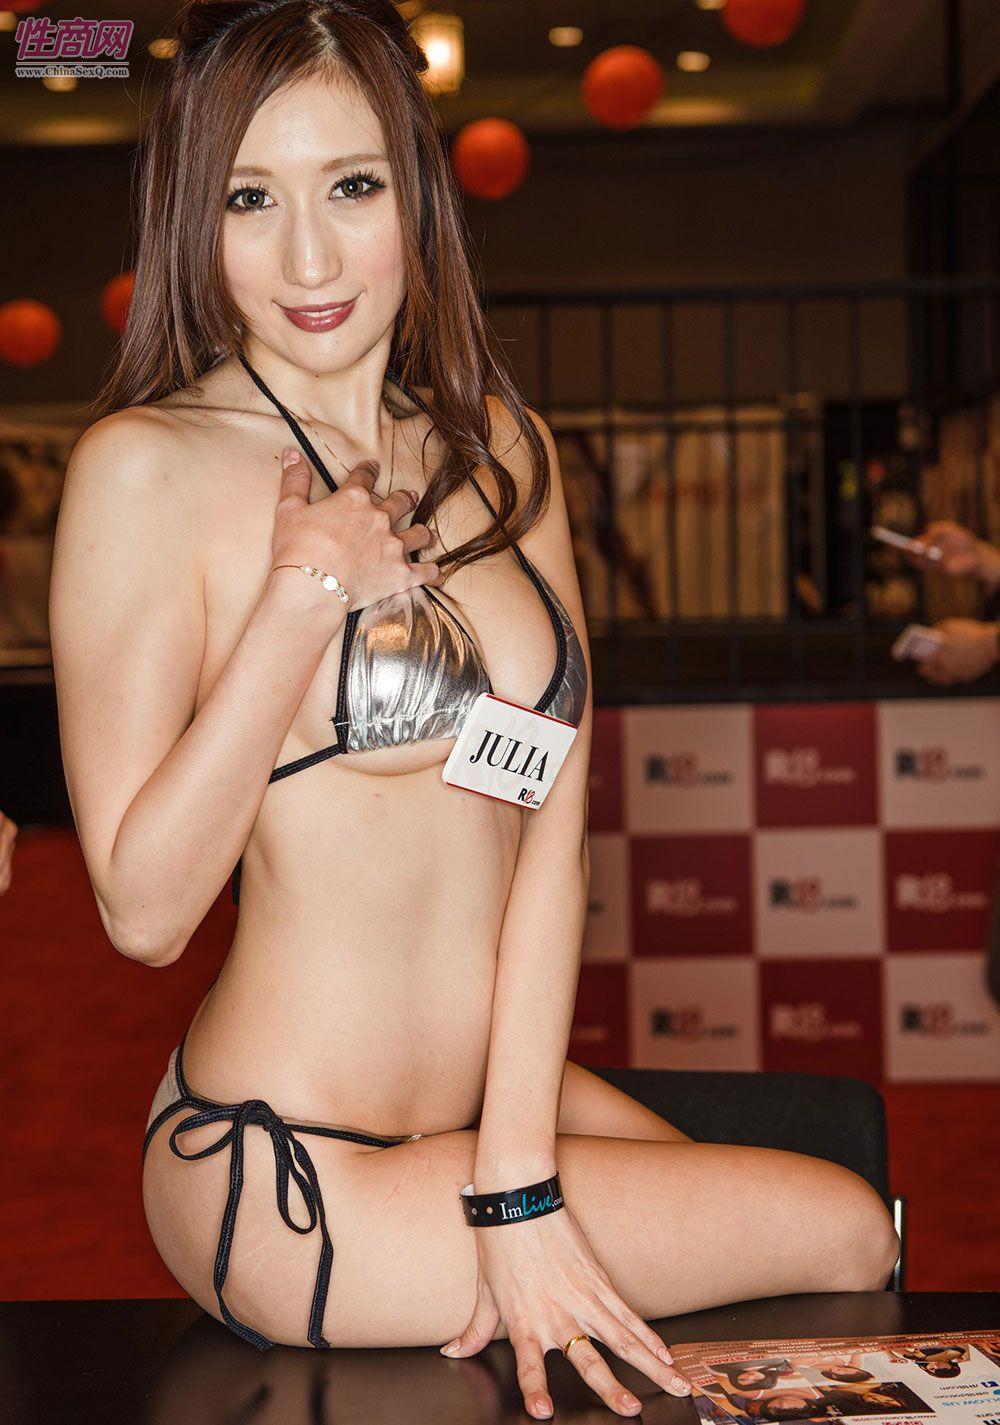 2016拉斯维加斯成人展日本r18女优团(1)图片2